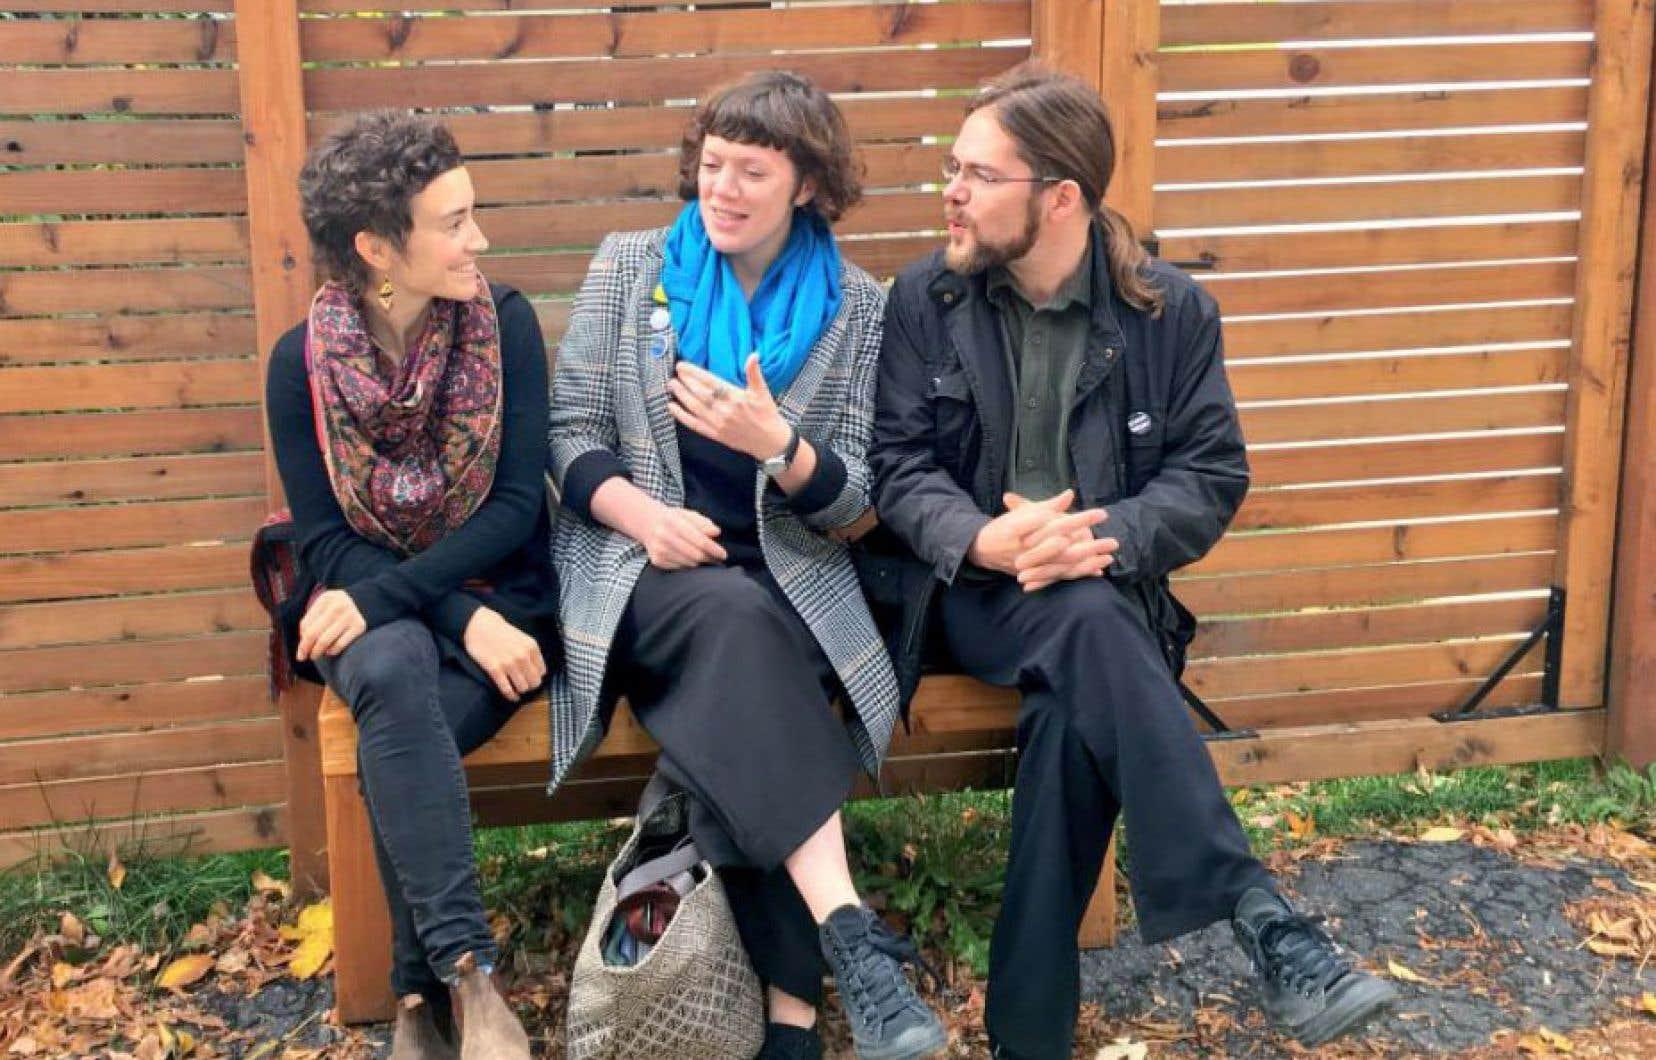 À Montréal, la rencontre a réuni la Nord-Irlandaise Rachel McCrum, le poète Jonathan Lamy et l'artiste Moe Clark.